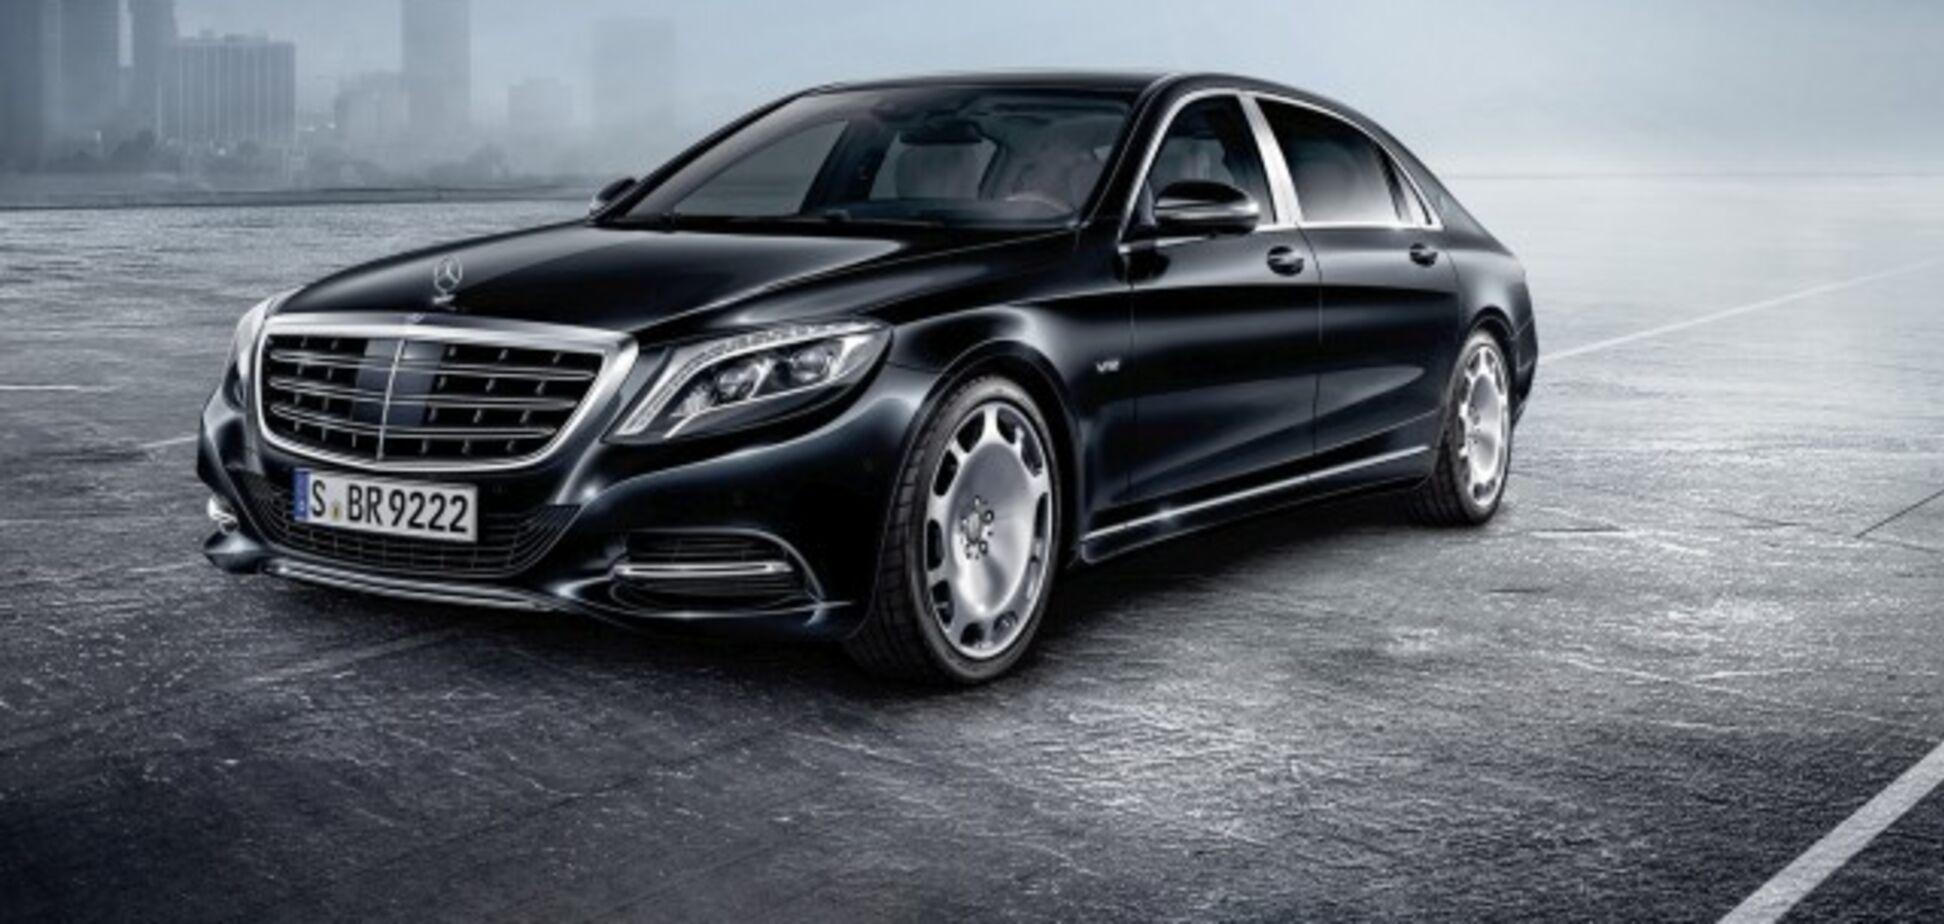 Бронированные Mercedes за 42 млн: стало известно о роскошных покупках Госуправления делами Украины